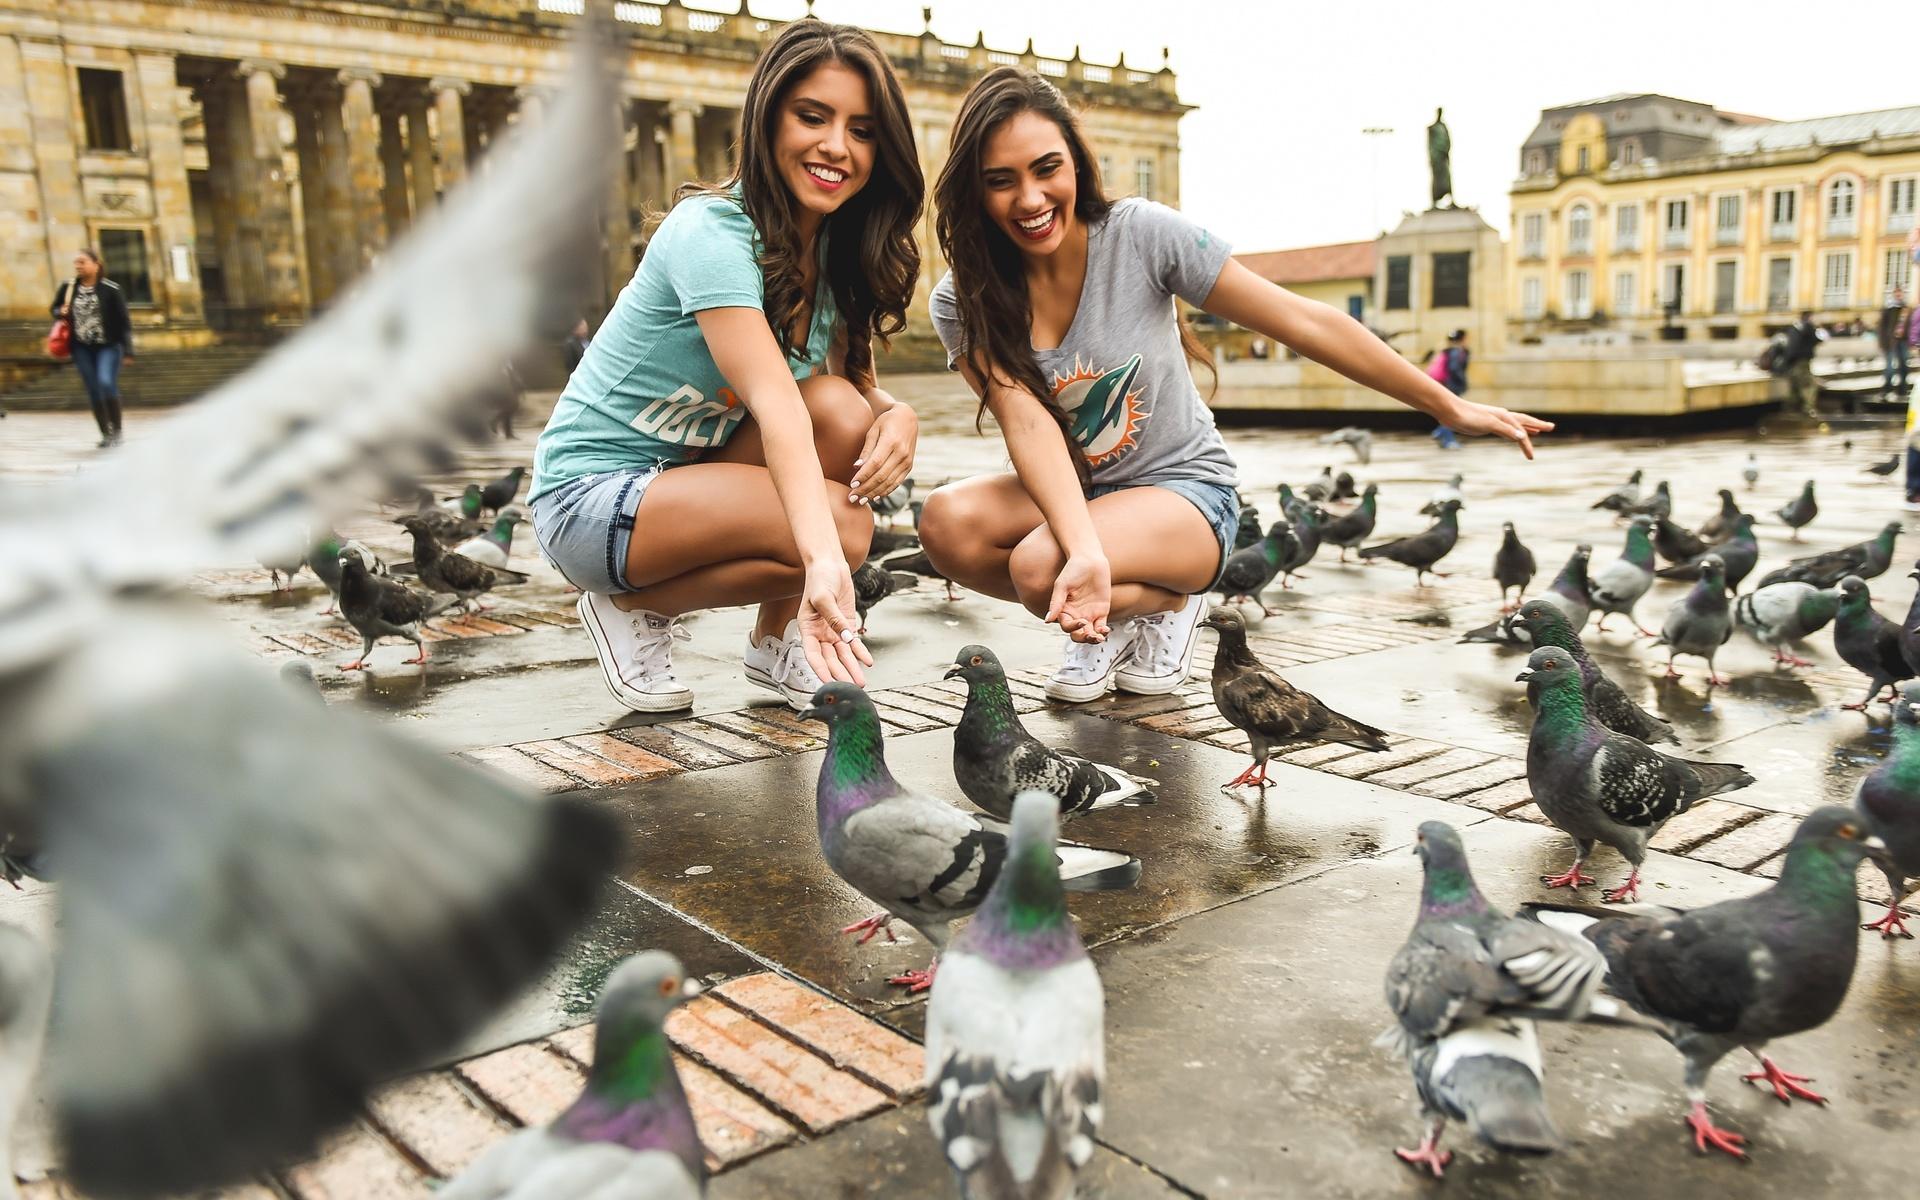 шварцнейгер личность фото с птицами и люди используют для декорирования